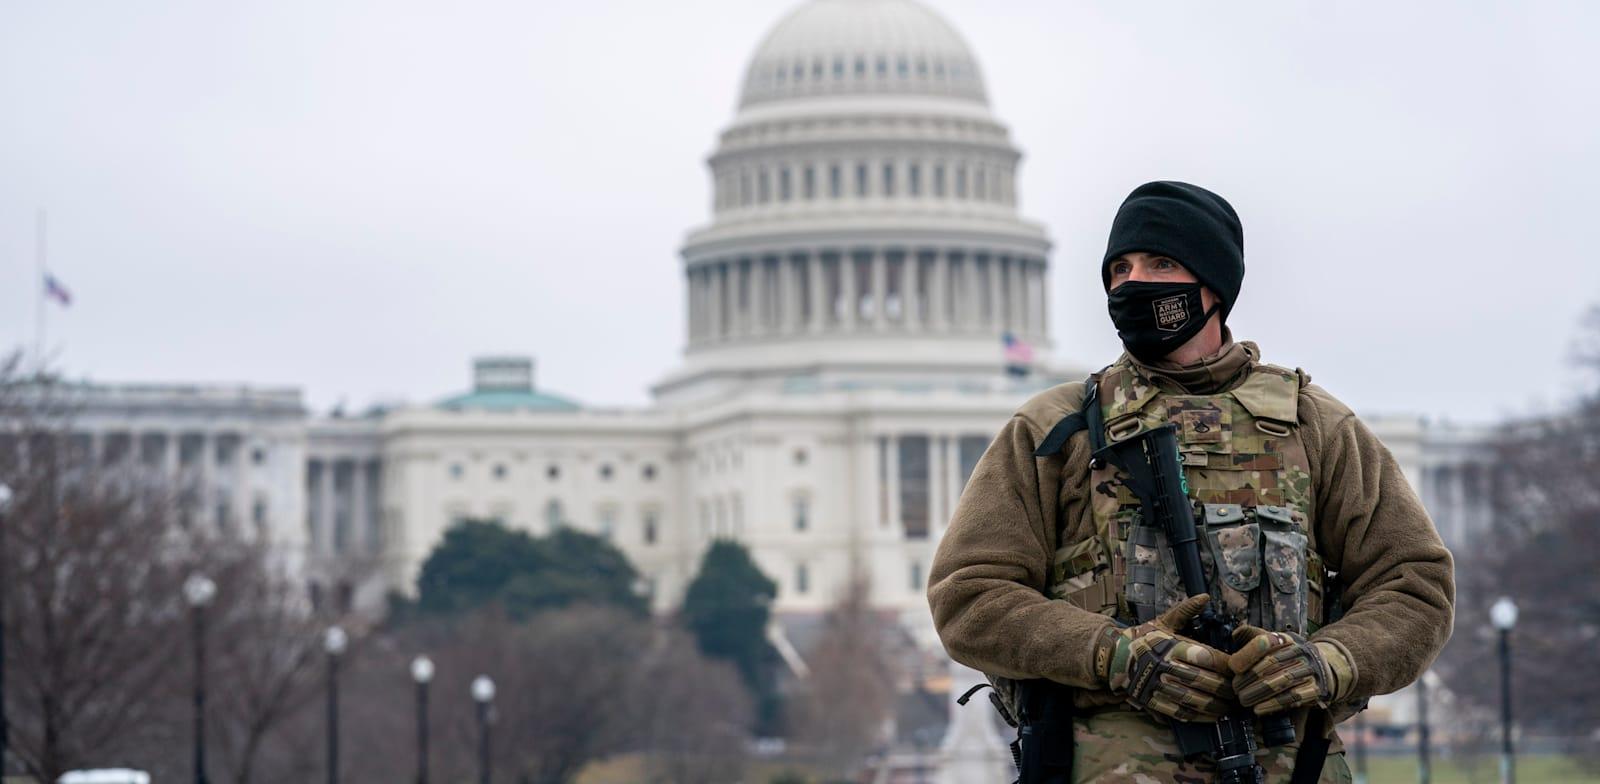 חייל המשמר הלאומי שומר בוושינגטון ביום השלישי למשפט ההדחה של דונלד טראמפ / צילום: Associated Press, Jose Luis Magana